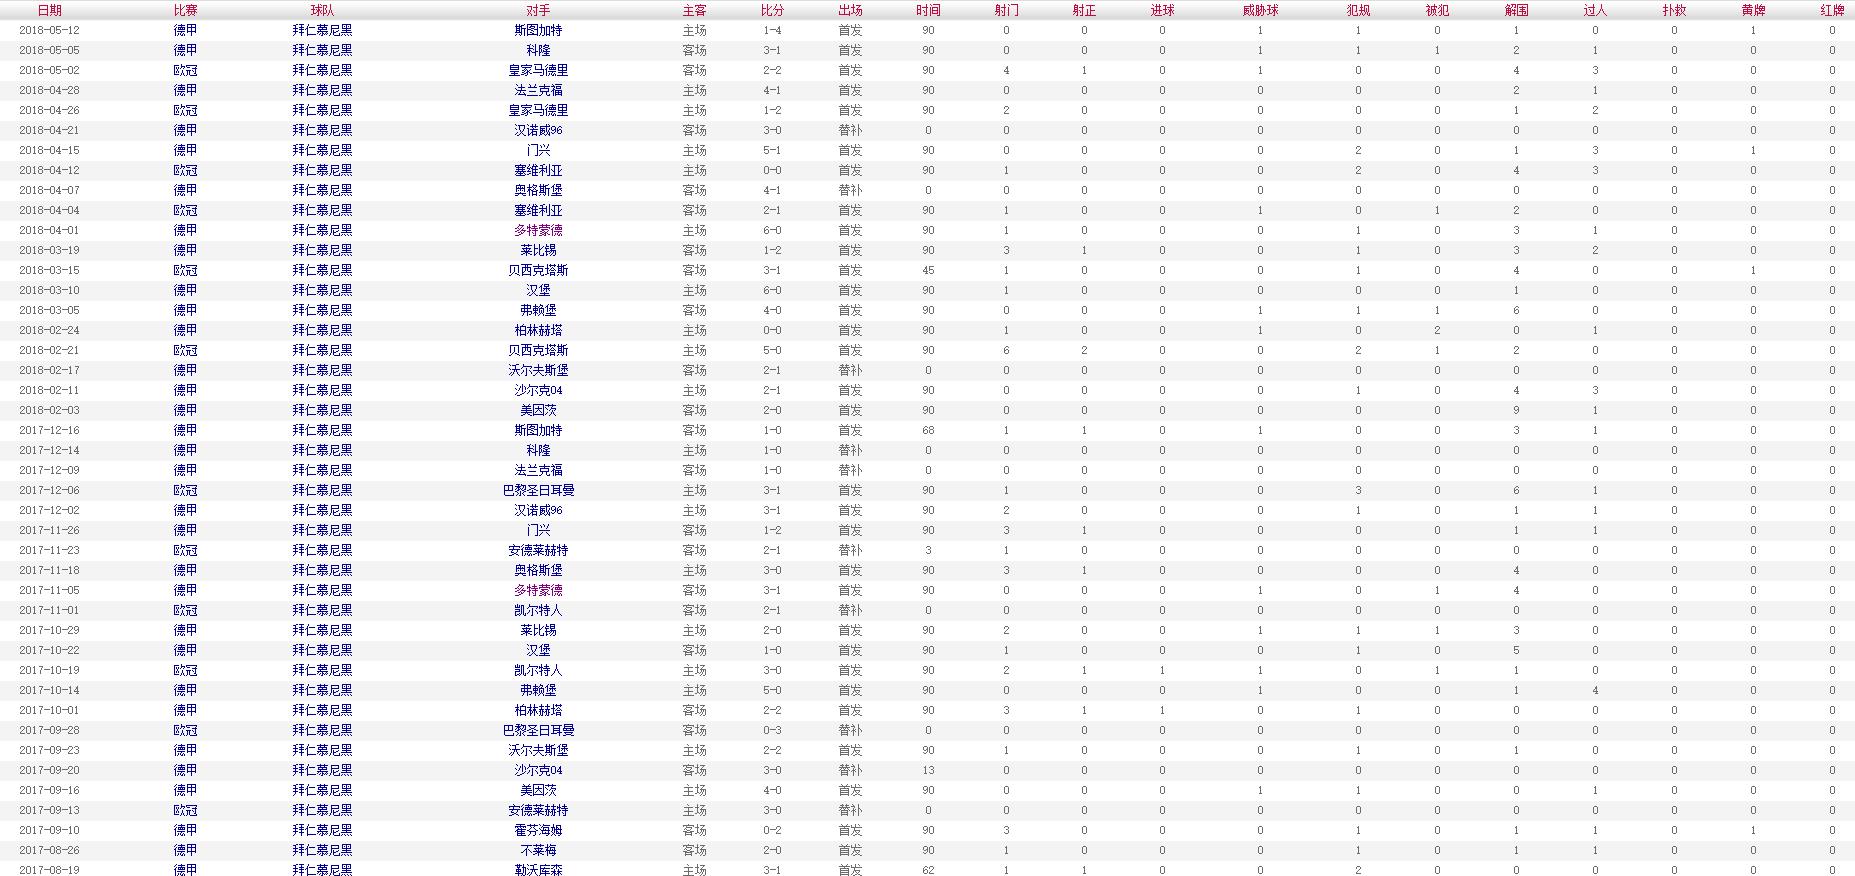 胡梅尔斯 2017-2018赛季比赛数据